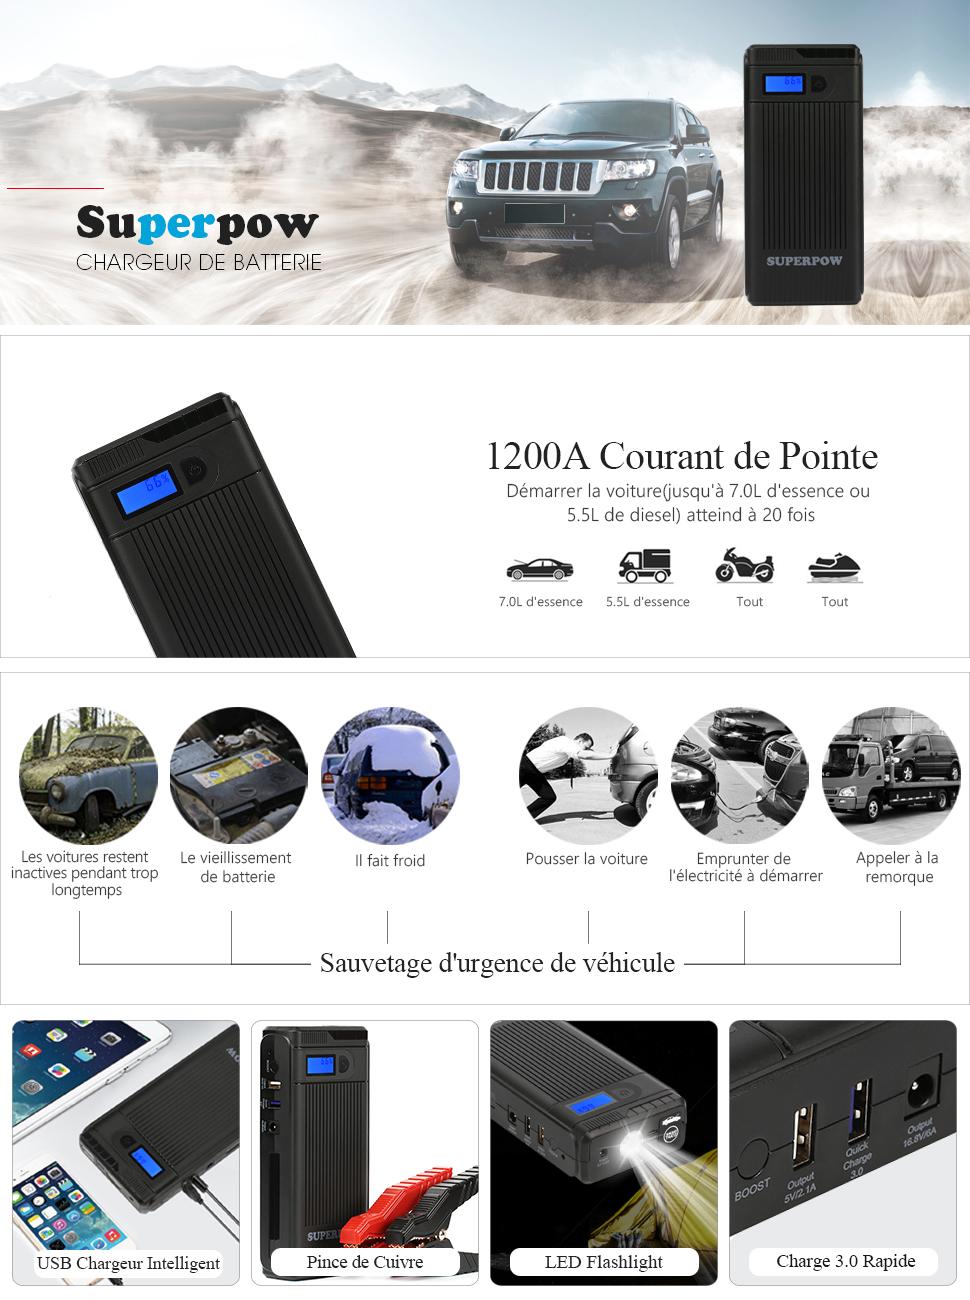 superpow chargeur de batterie 1200a peak booster de batterie booster d marrage de. Black Bedroom Furniture Sets. Home Design Ideas